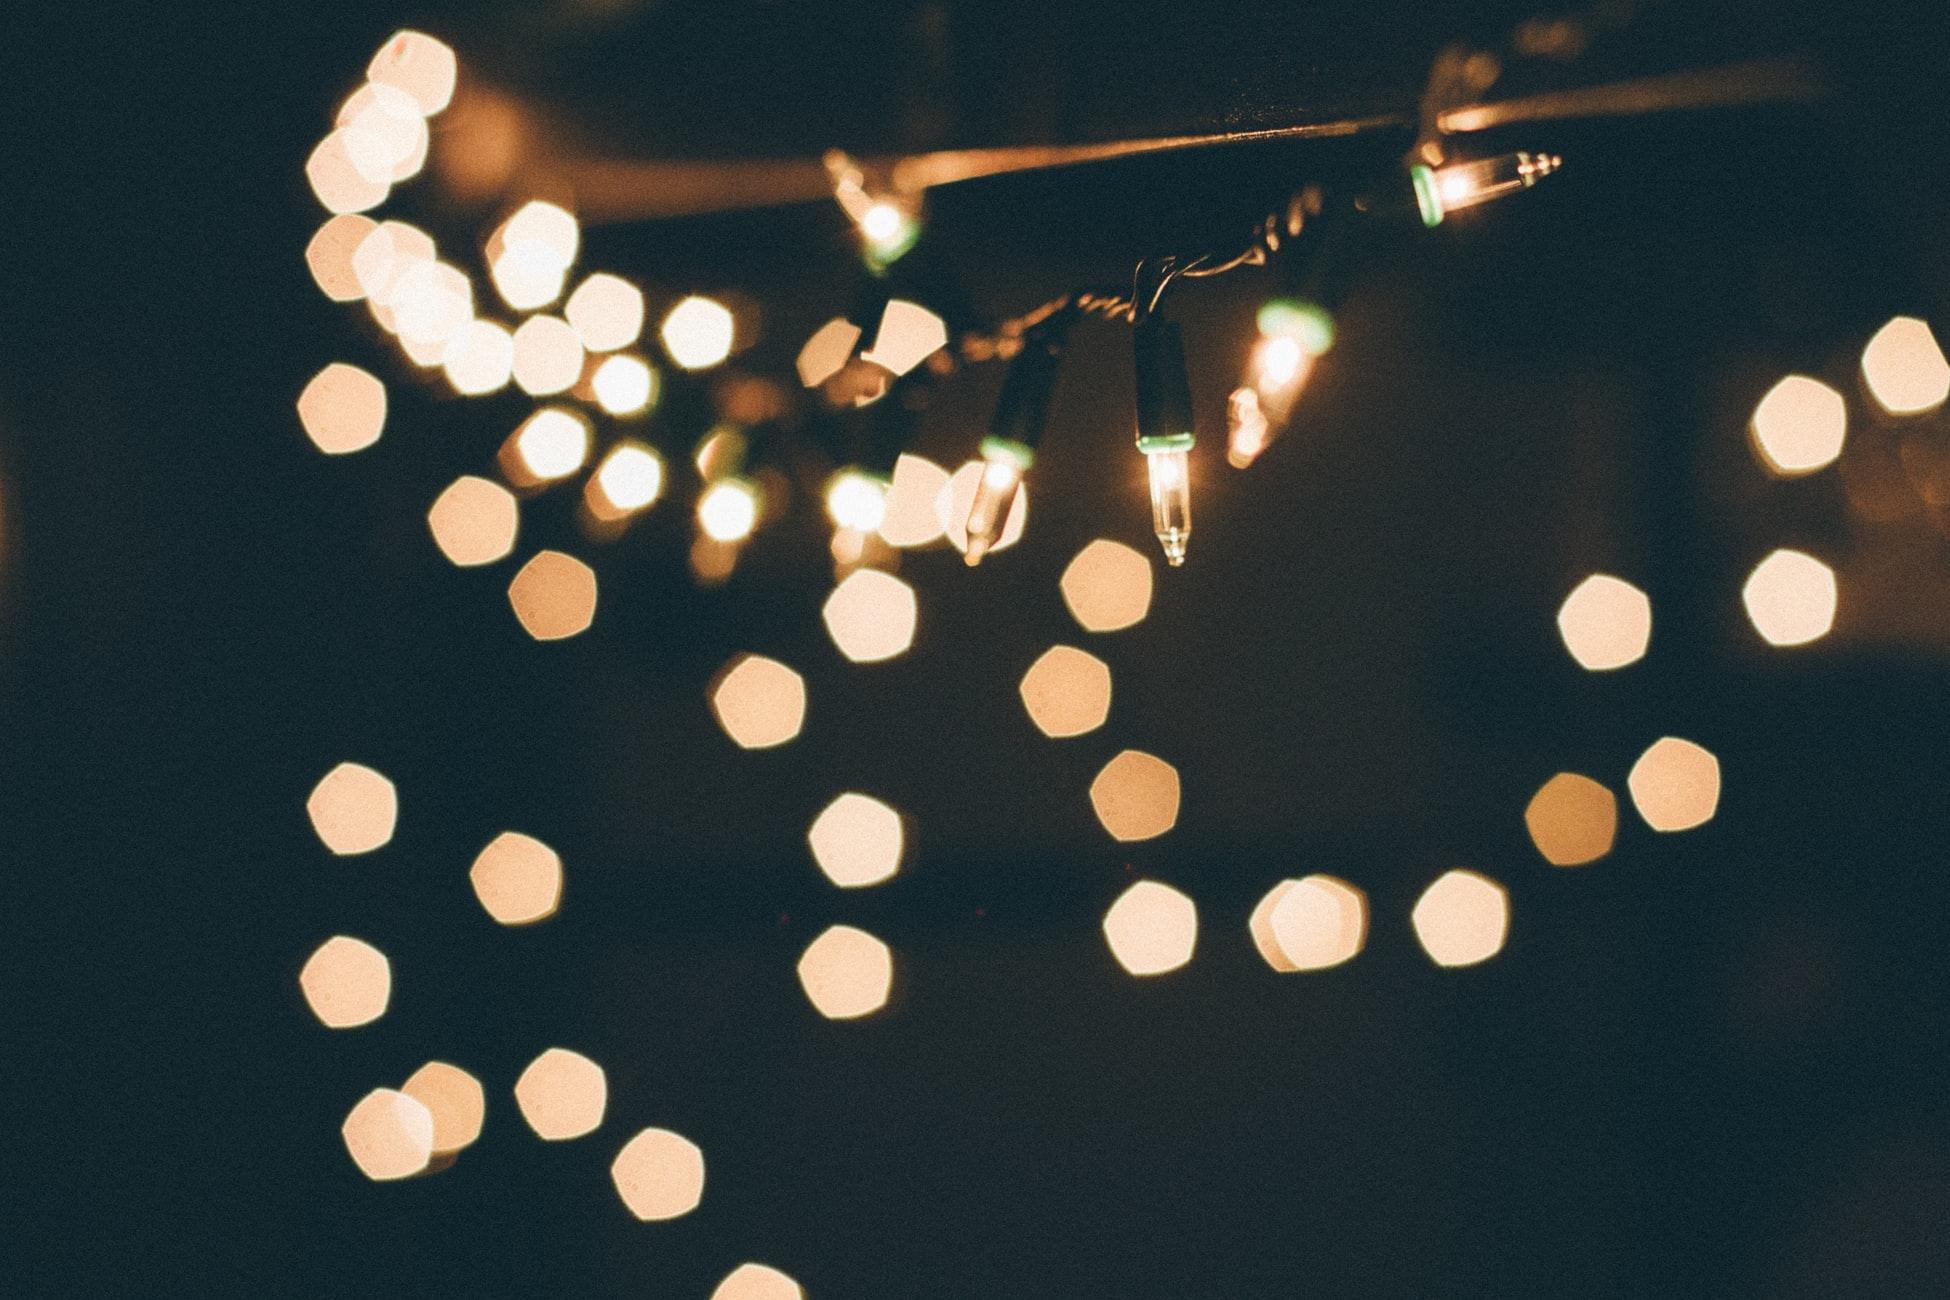 A.お家で灯を楽しむのはどうかな?